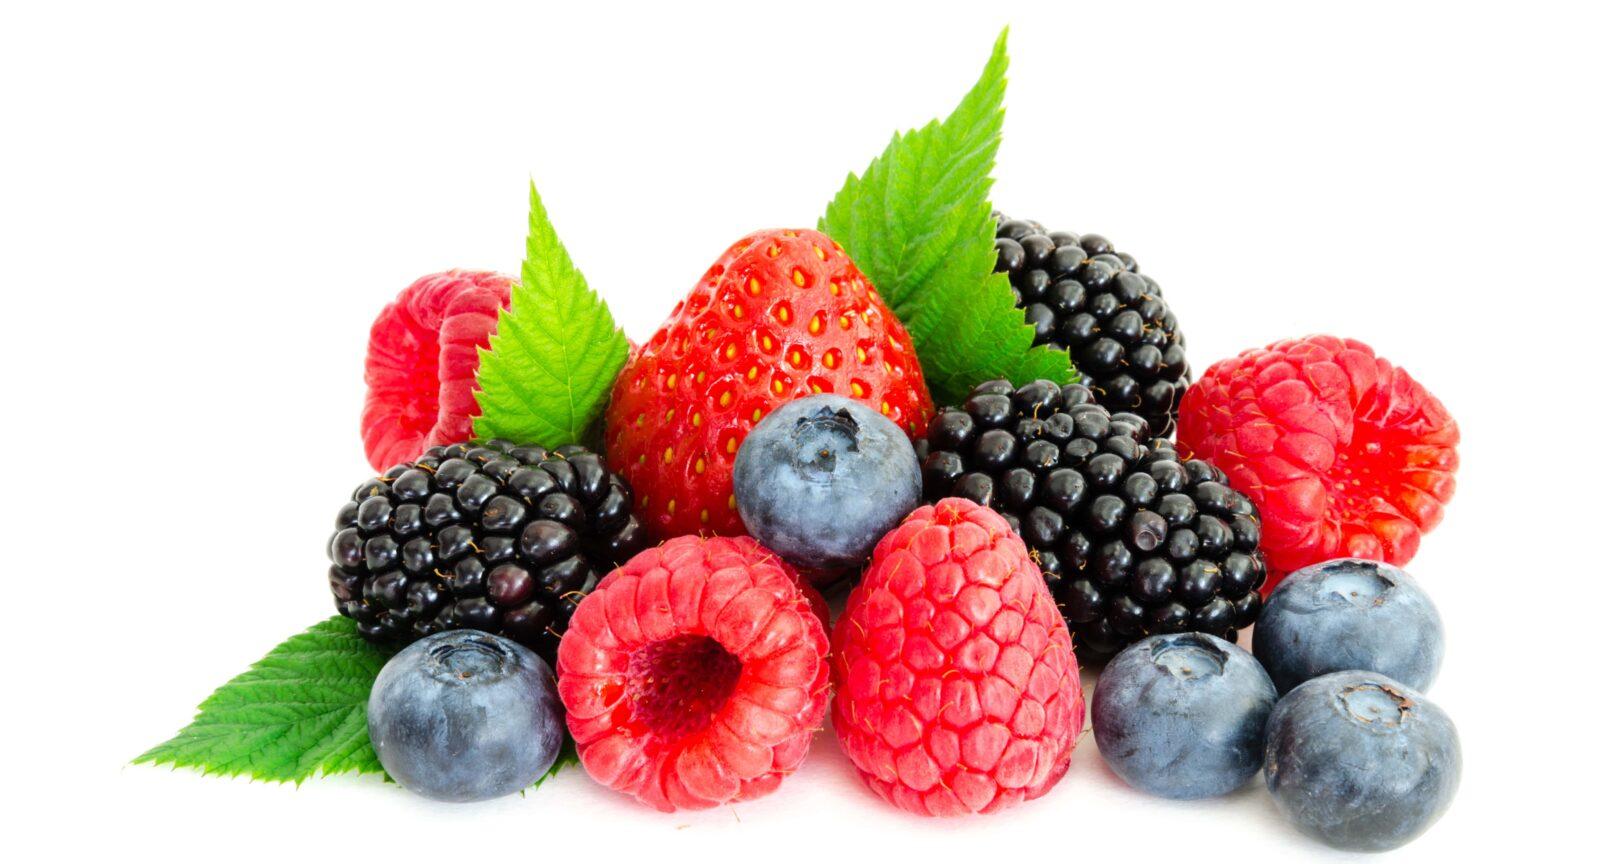 strawberries, blackberries, blueberries, and raspberries